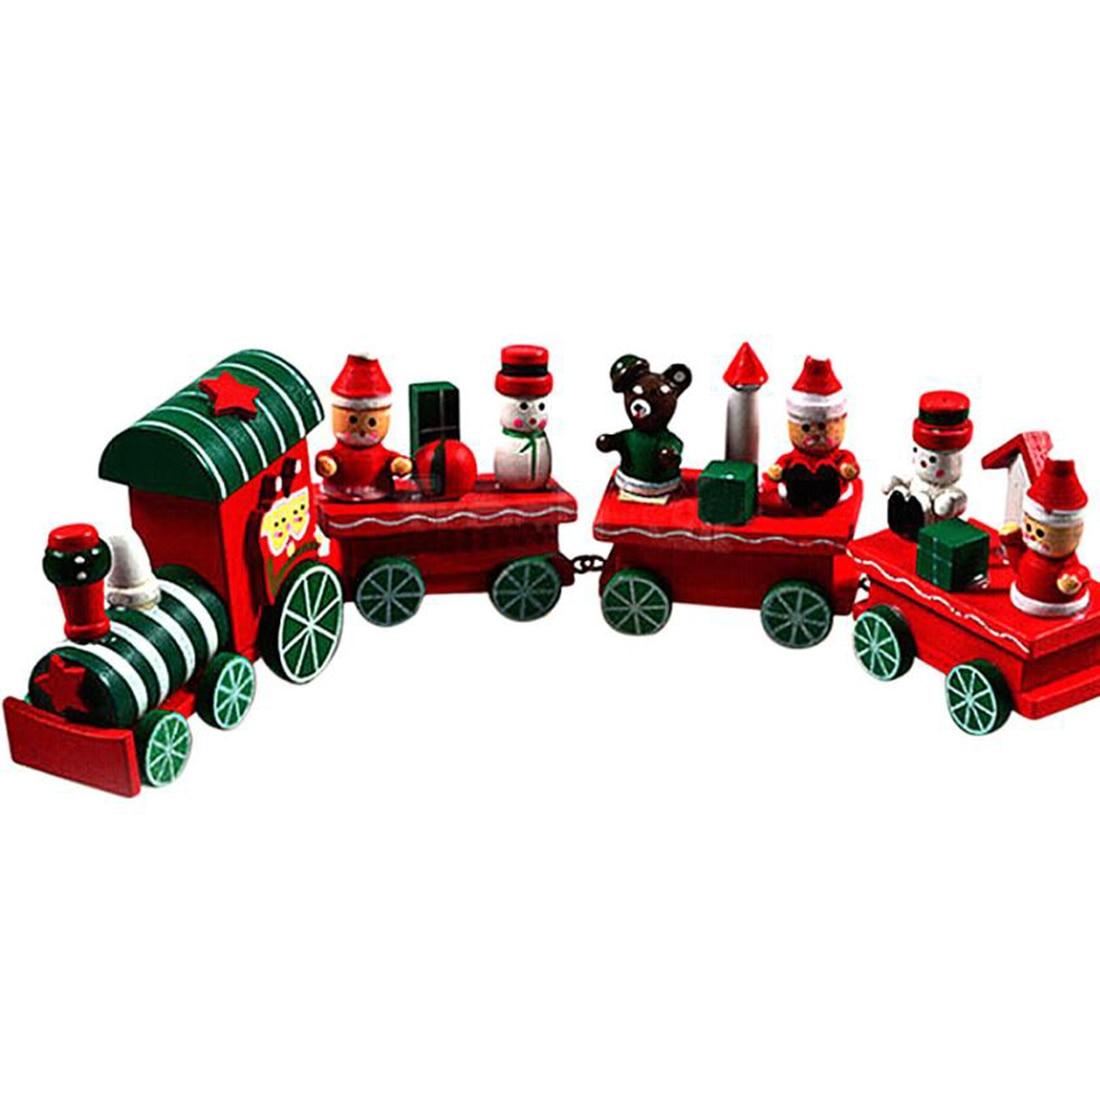 Поезд в подарок ребенку